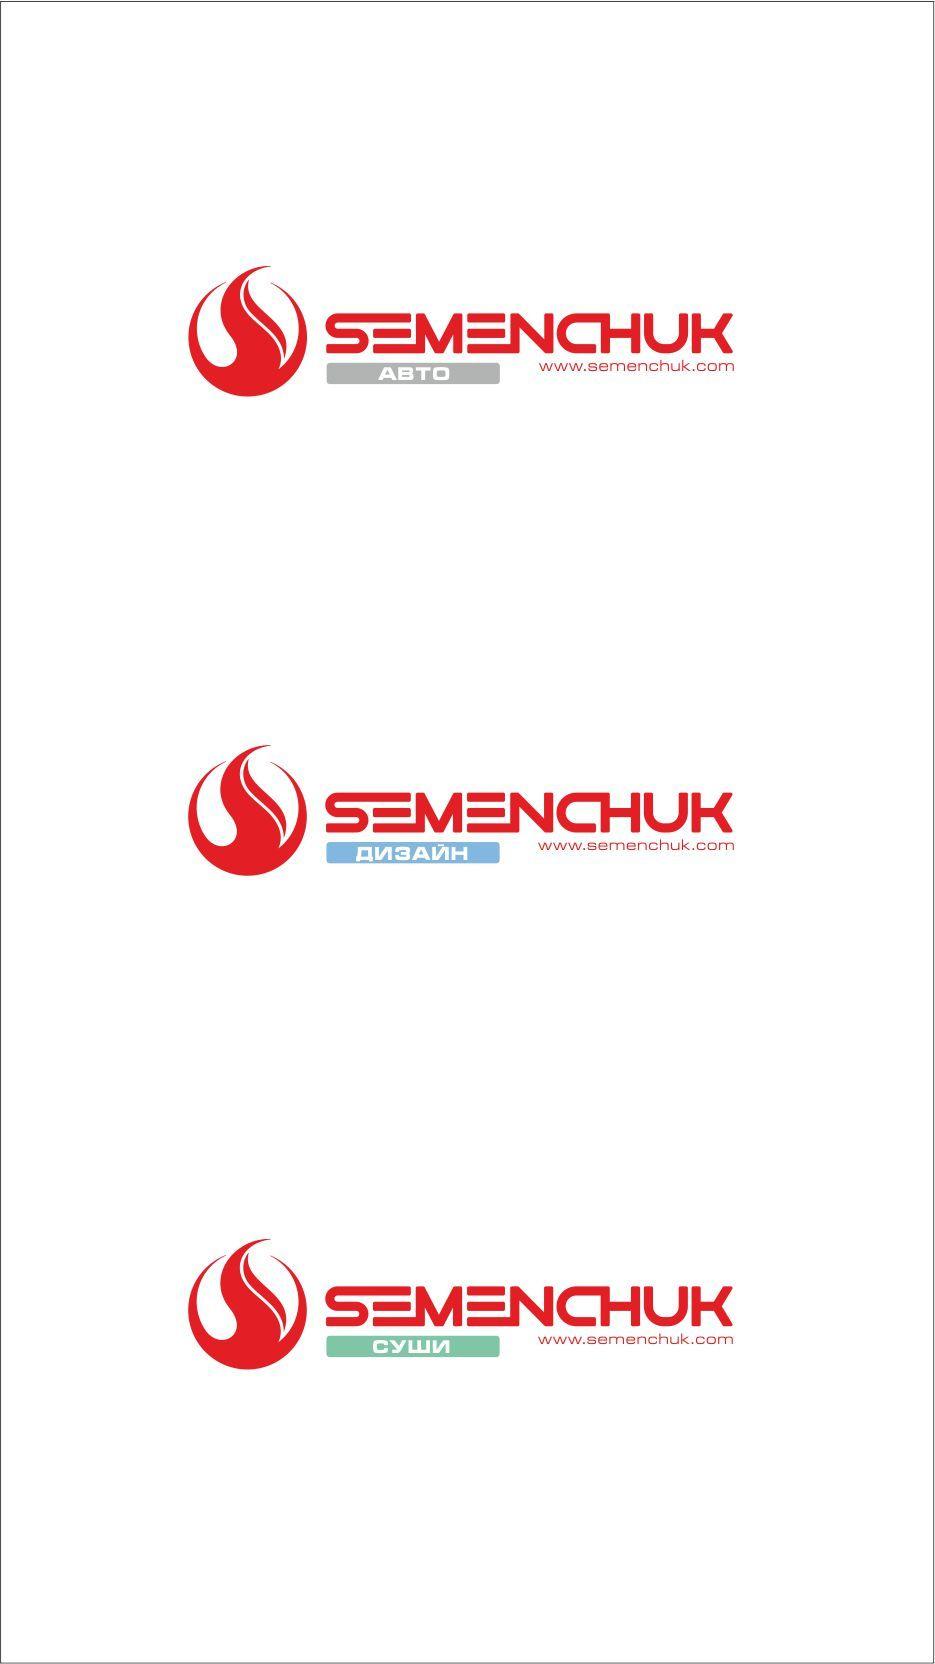 Логотип группы компаний SEMENCHUK - дизайнер GAMAIUN